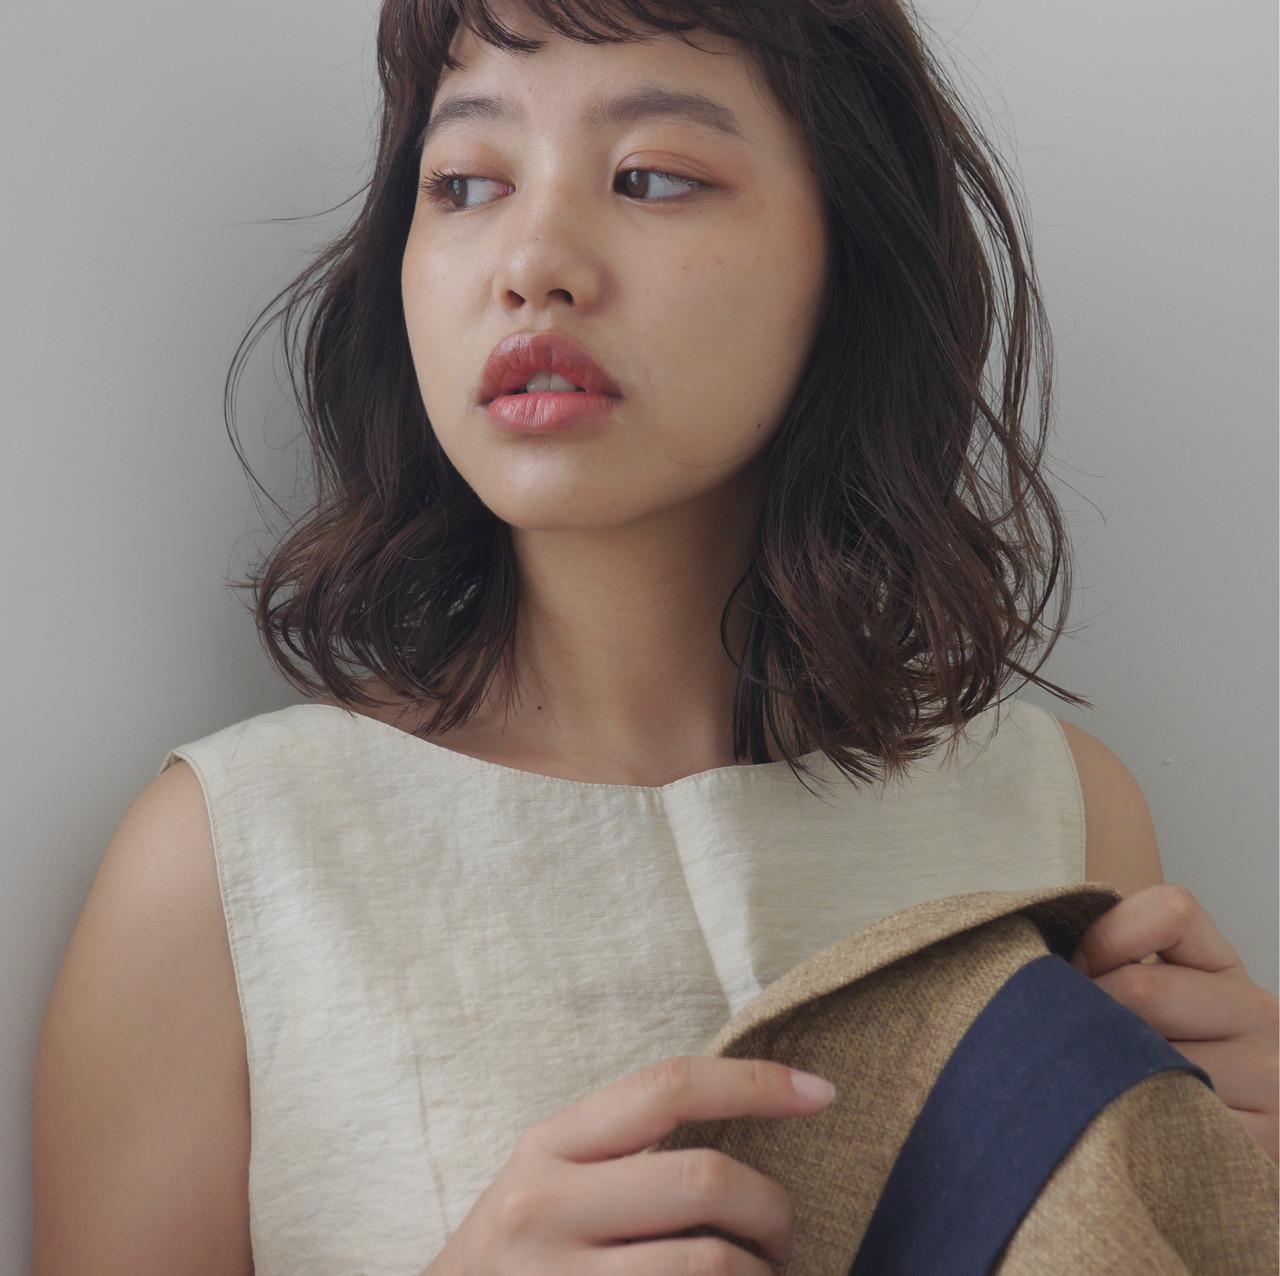 ベージュ シアーベージュ 鎖骨ミディアム ナチュラルベージュ ヘアスタイルや髪型の写真・画像